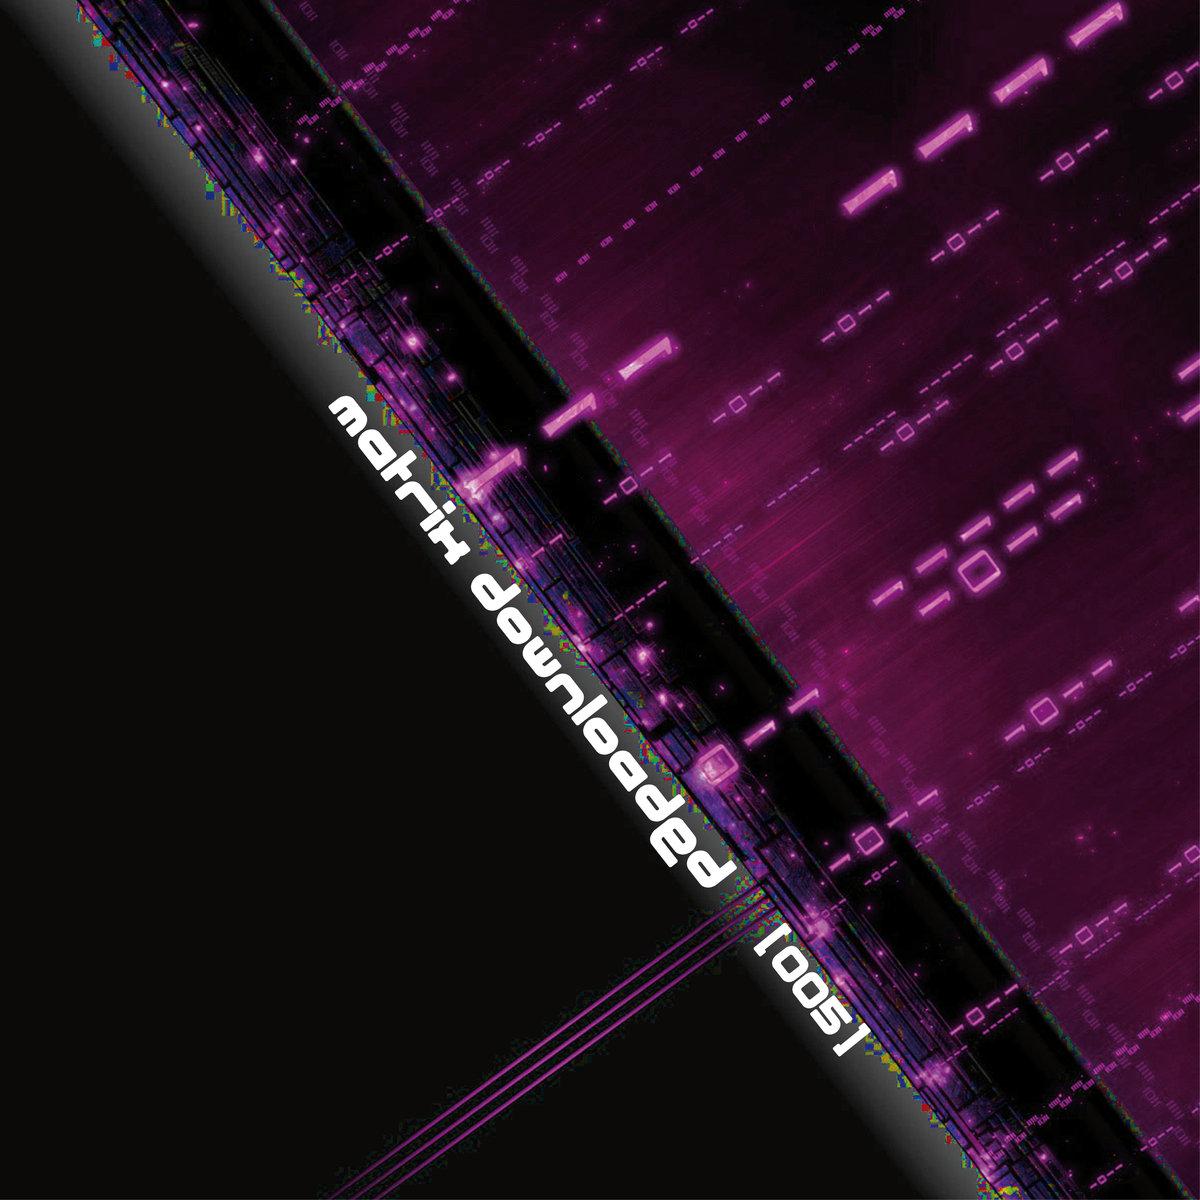 matrix_downloaded_005